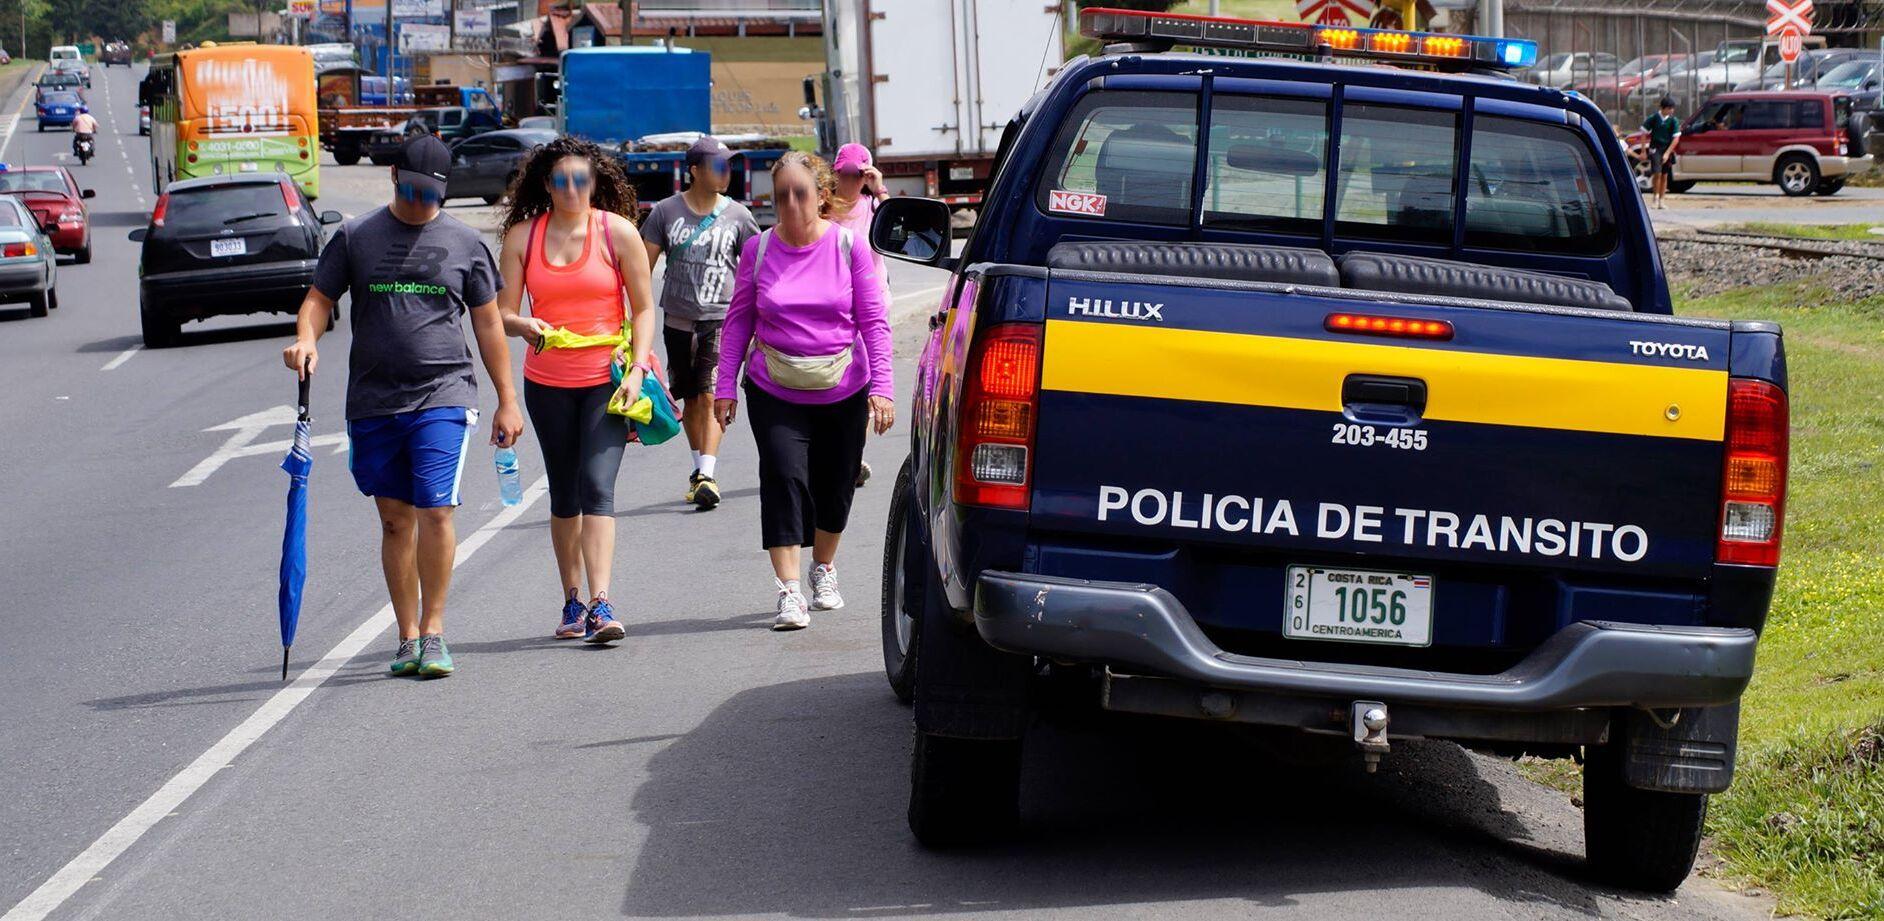 Fuerza Pública reporta cuatro personas asaltadas y unaatropelladadurante la romería